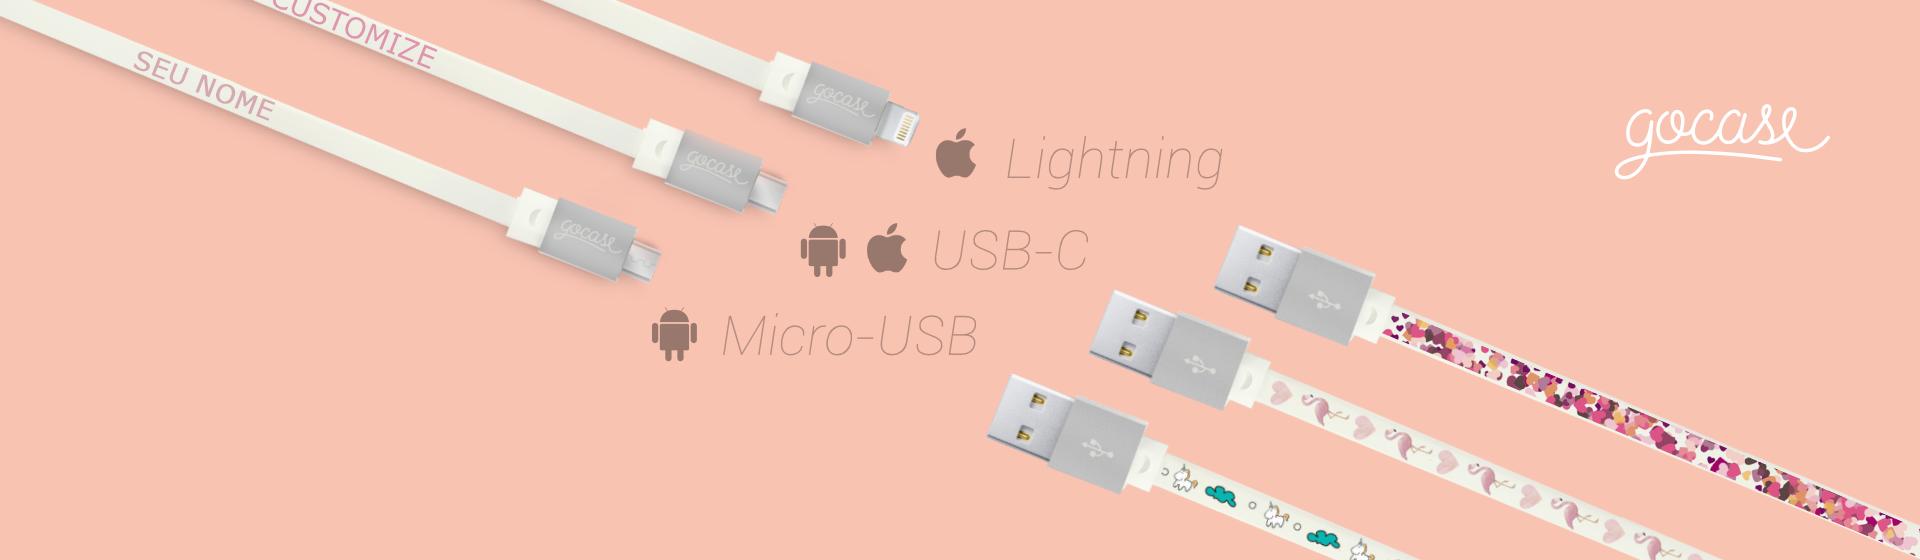 Lightining, USB-C, Micro-USB